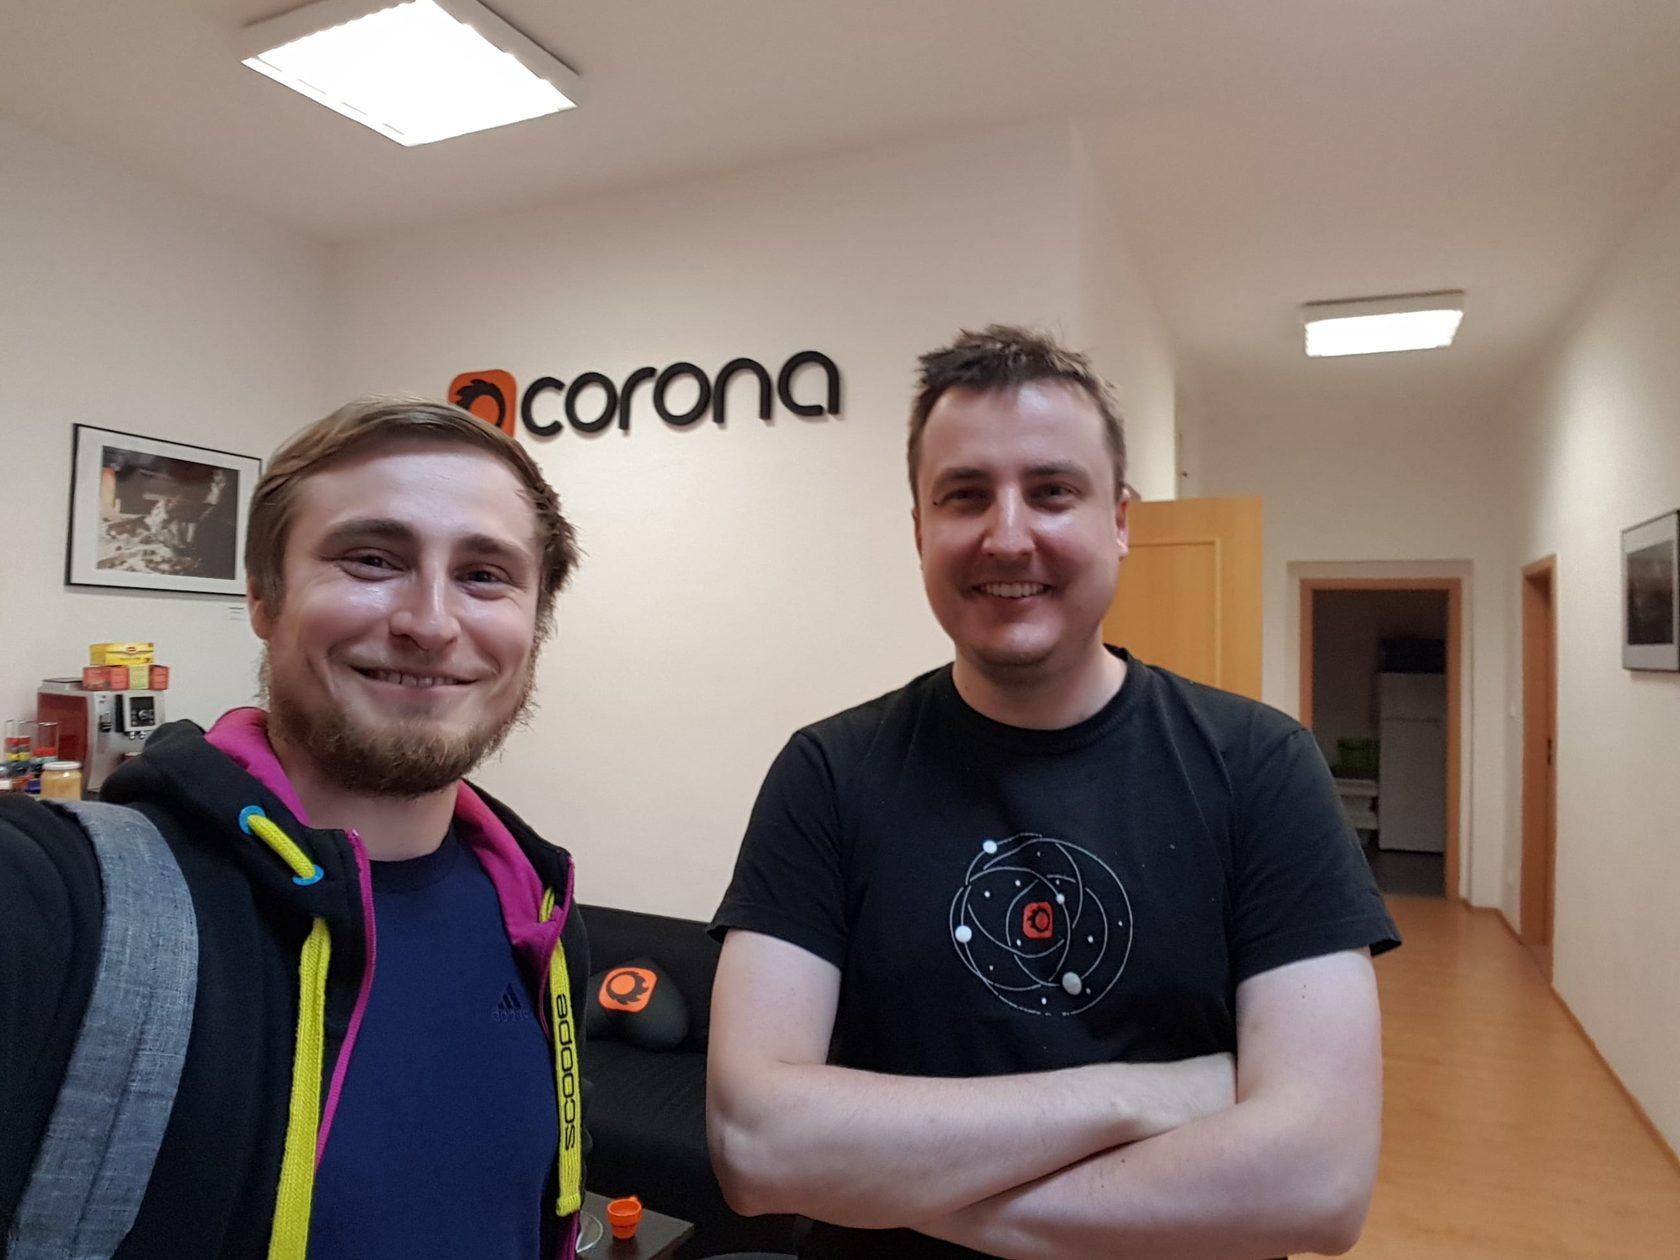 Руководитель школы 3DCLUB Семен Потамошнев и разработчик Corona Renderer Ondřej Karlík